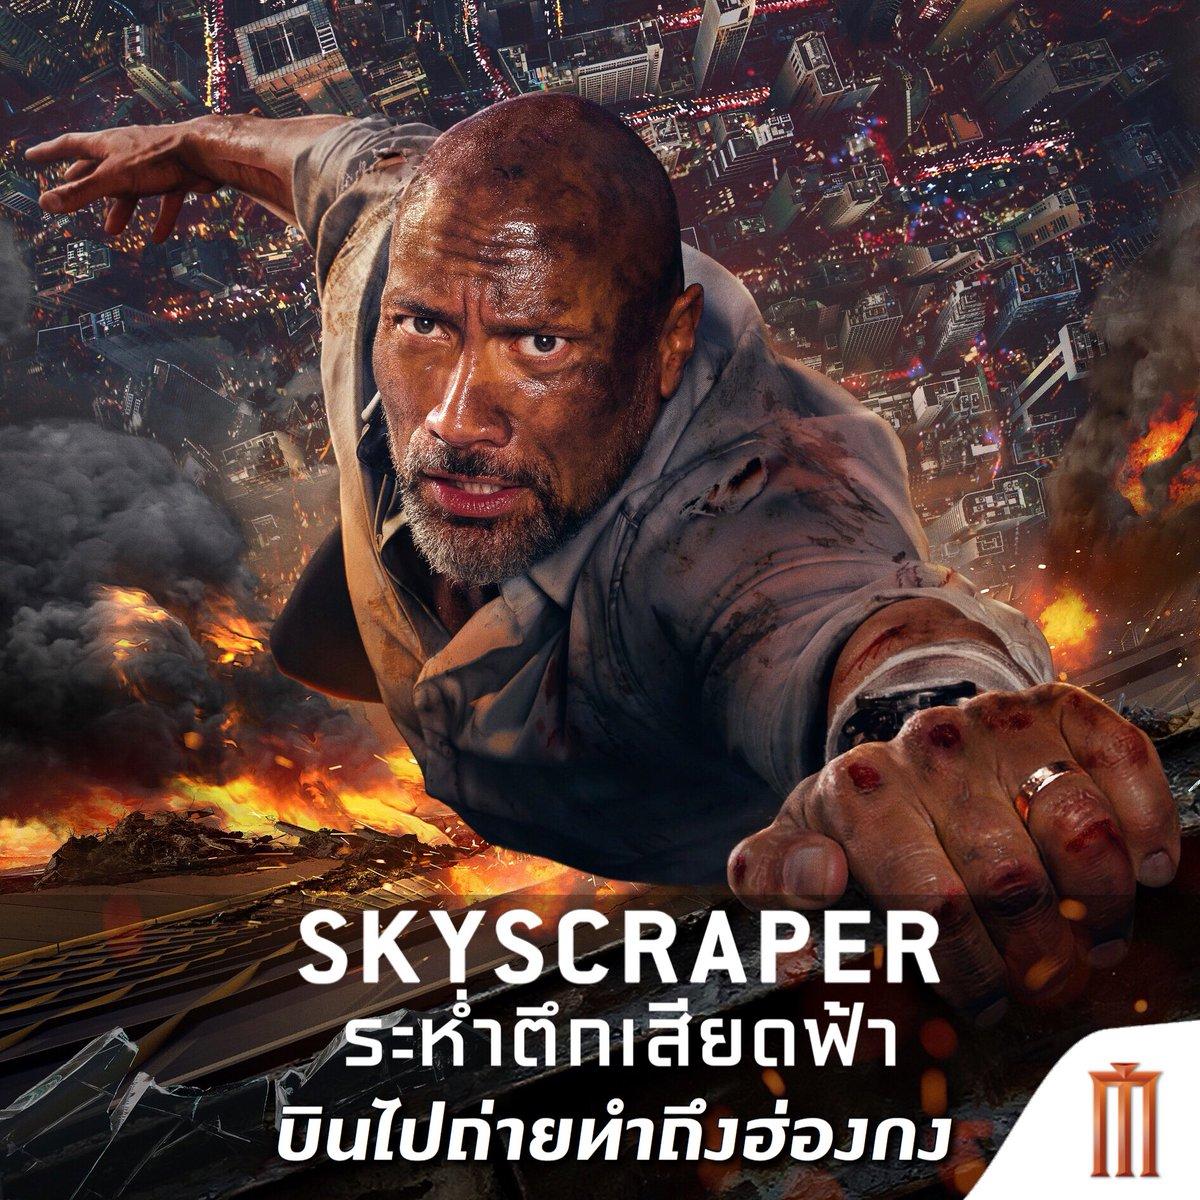 """เพราะอะไรทำไมถึงบินไปถ่ายทำกันถึงฮ่องกง พบกับผลงานล่าสุดและเสียวสุดของ """"เดอะ ร็อค"""" ใน #Skyscraper """"ระห่ำตึกเสียดฟ้า"""" 12 กรกฎาคมนี้ในโรงภาพยนตร์"""